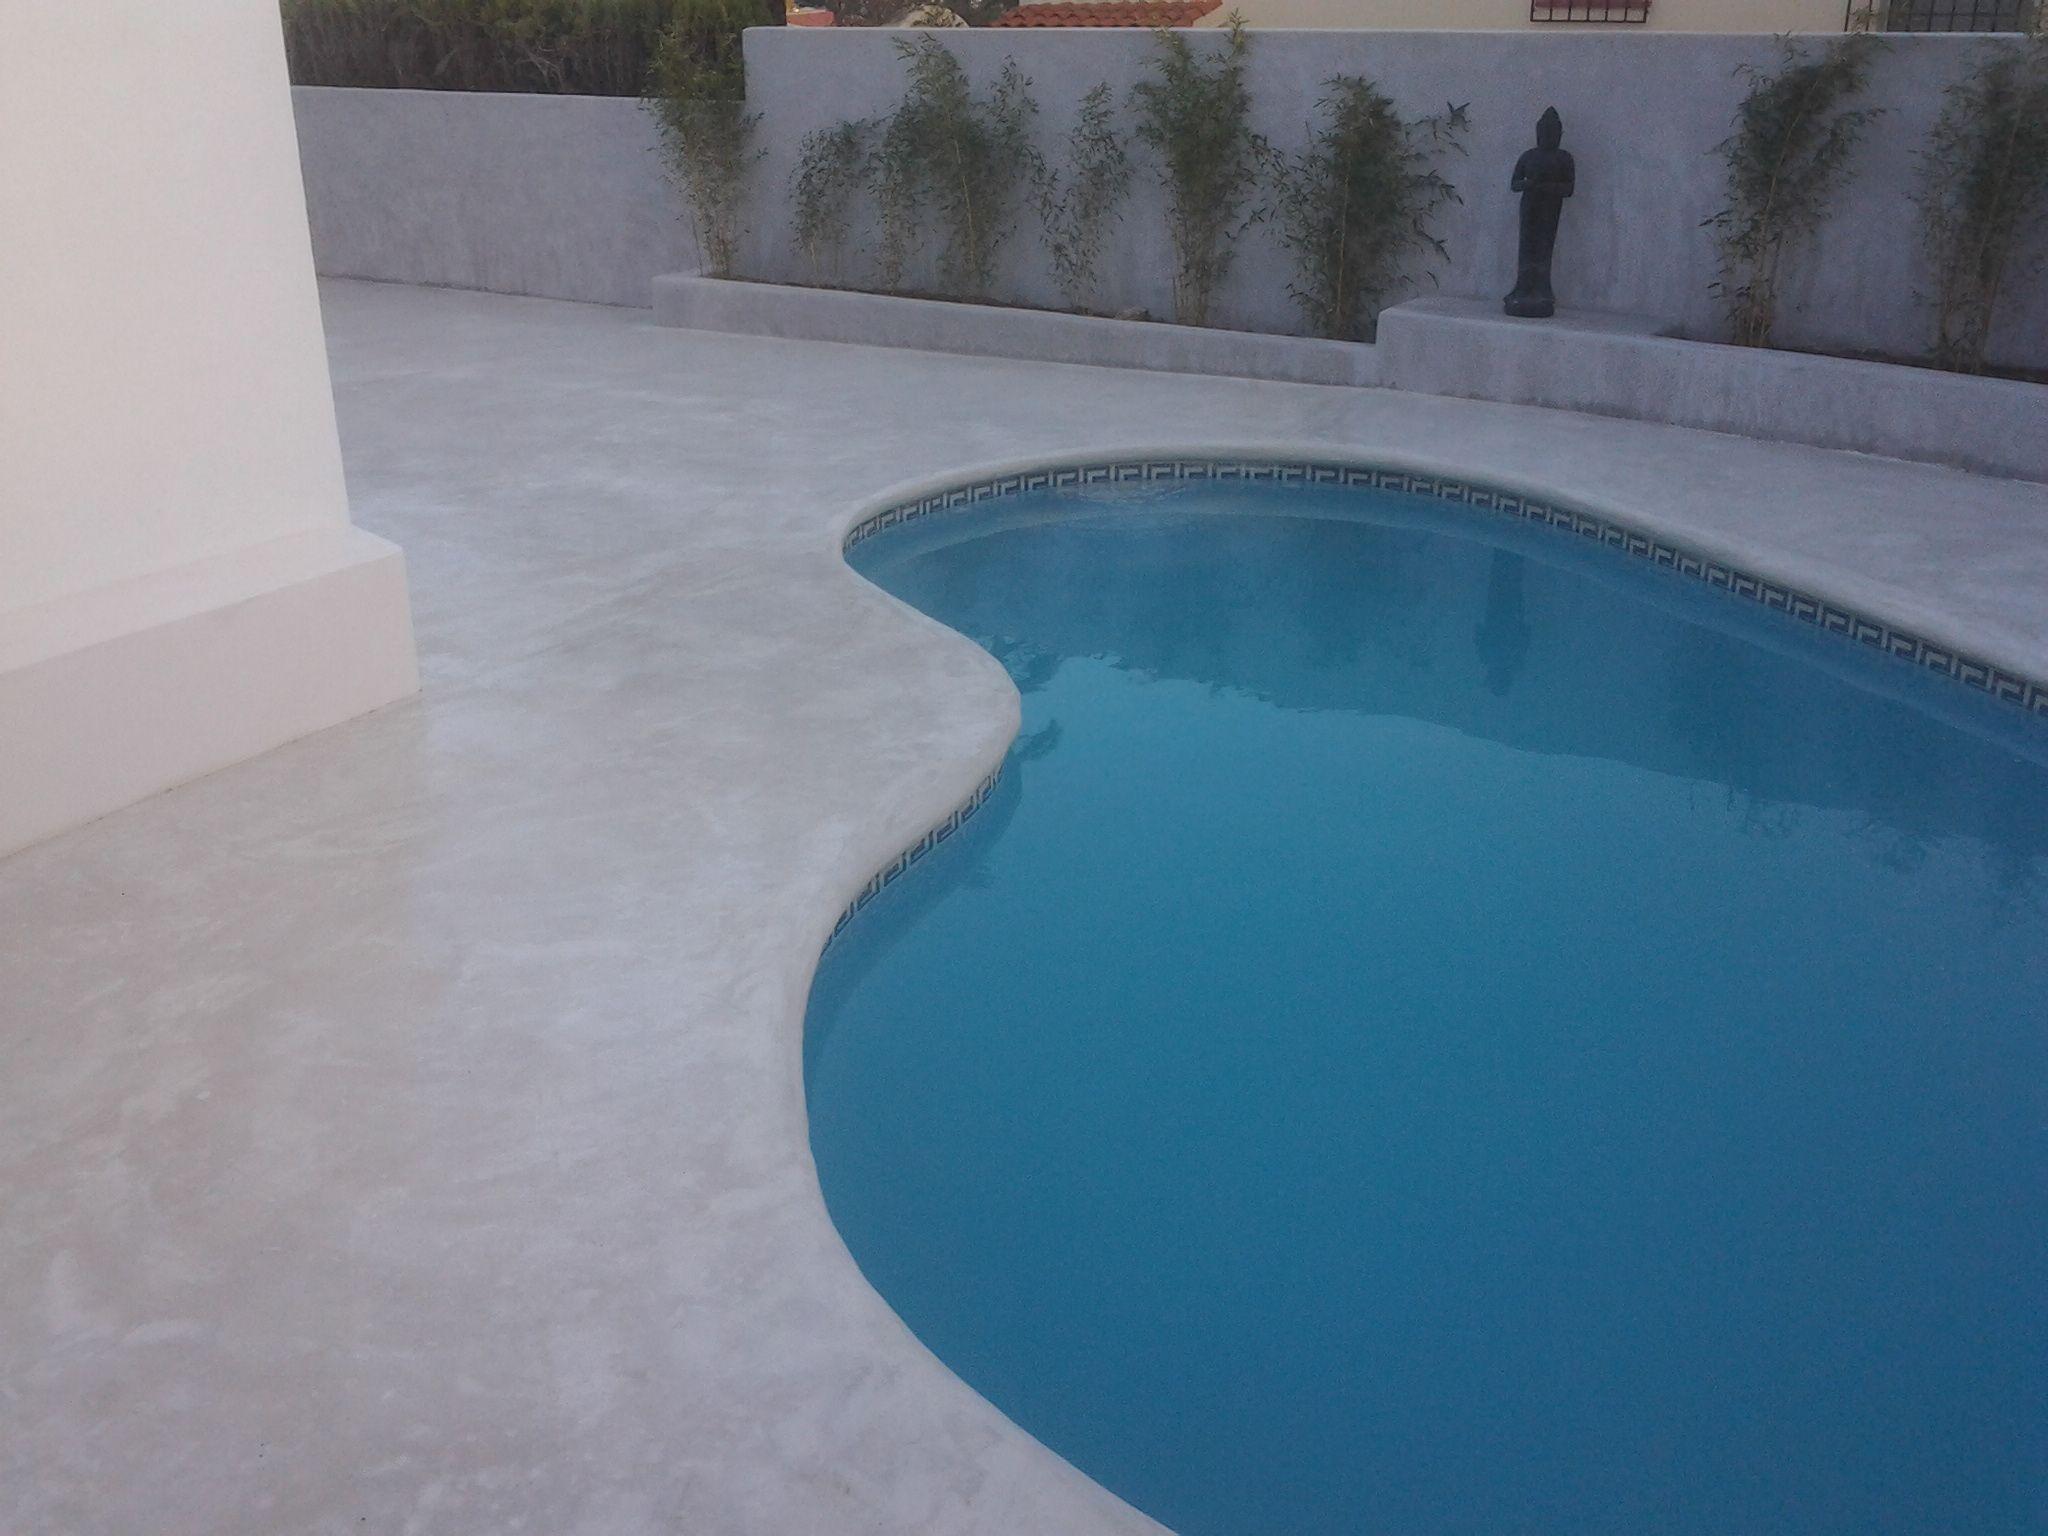 Pavimento continuo en blanco con coronaci n de piscina for Pavimentos para piscinas